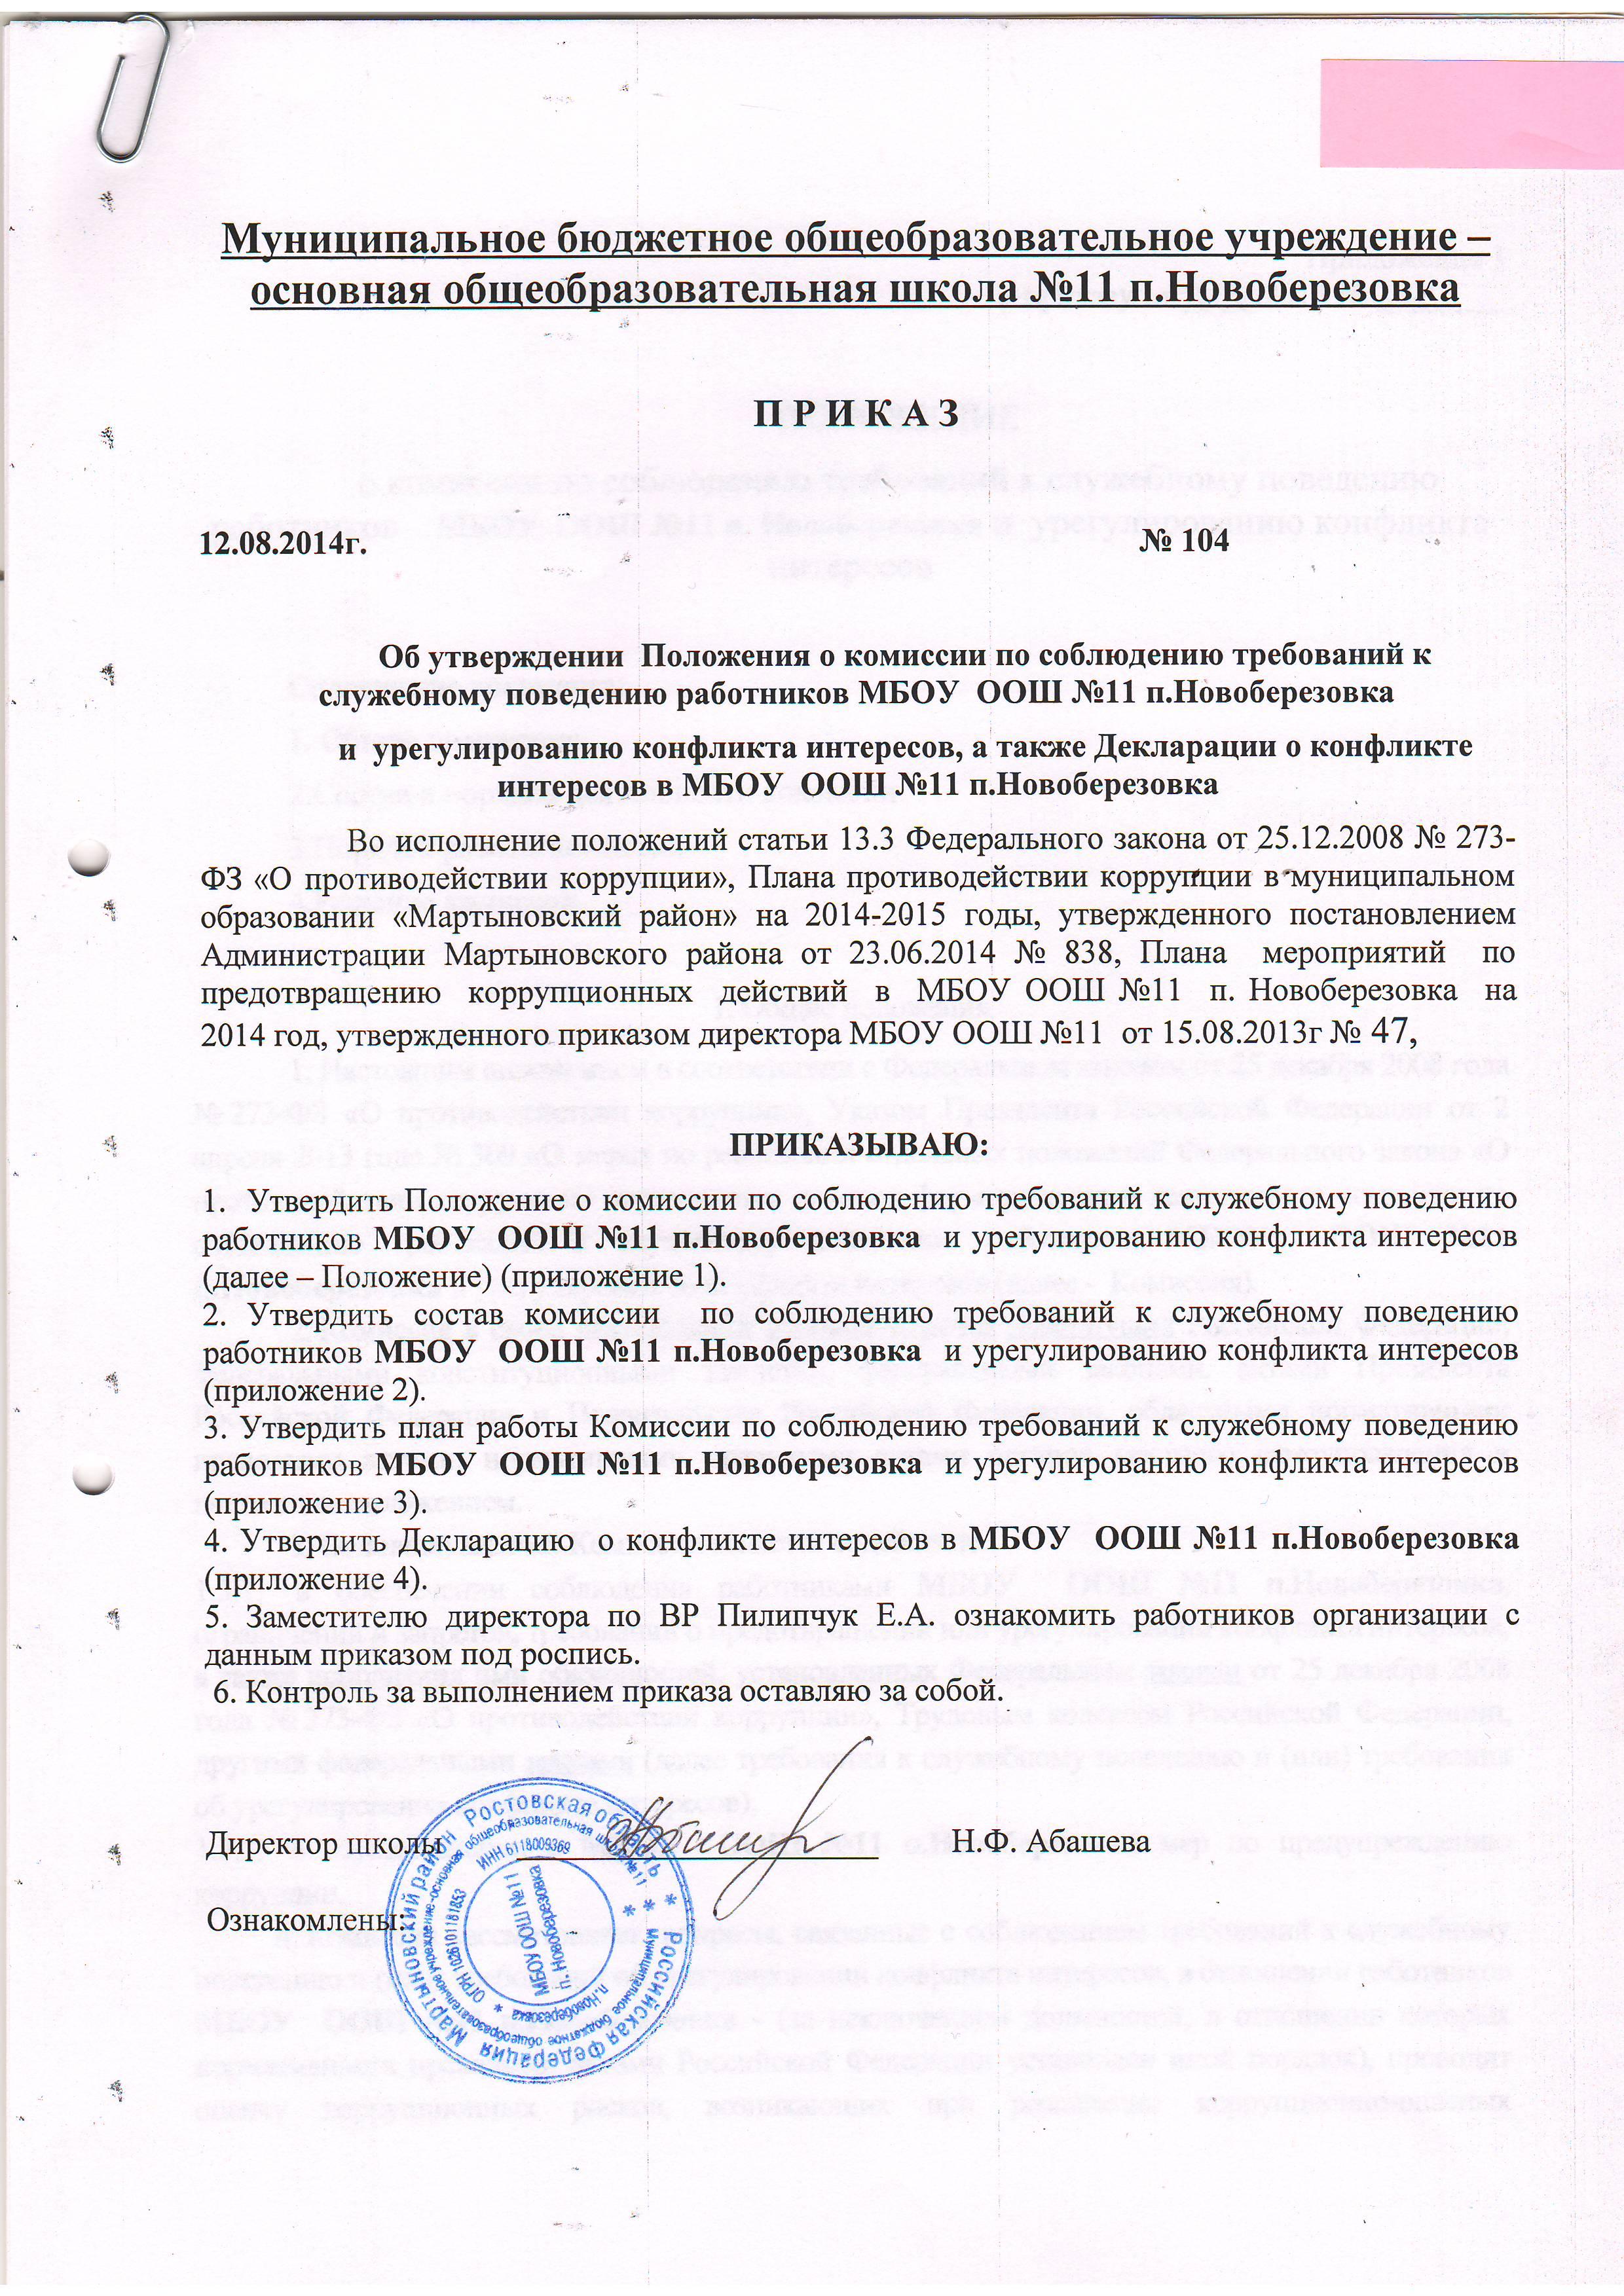 известно, праздником приказы министерства обороны по урегулированию конфликта интересов сроки сдачи